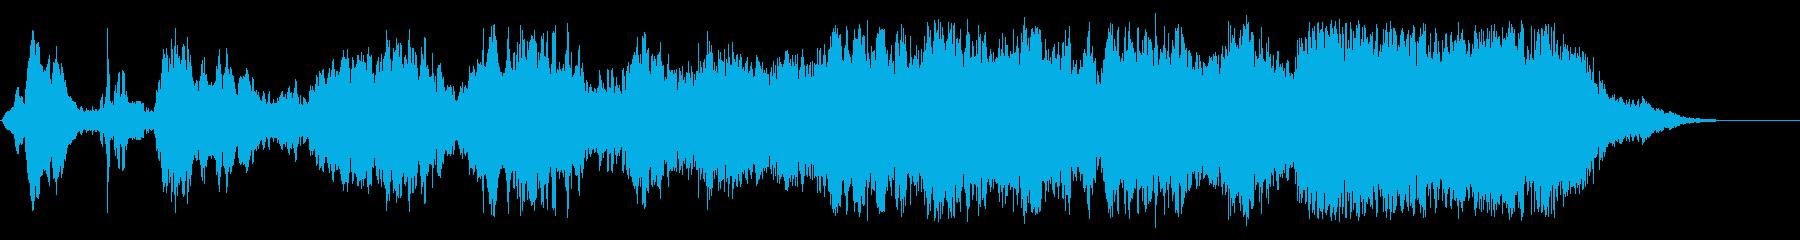 環境音楽(サイエンス&ケミカル)の再生済みの波形